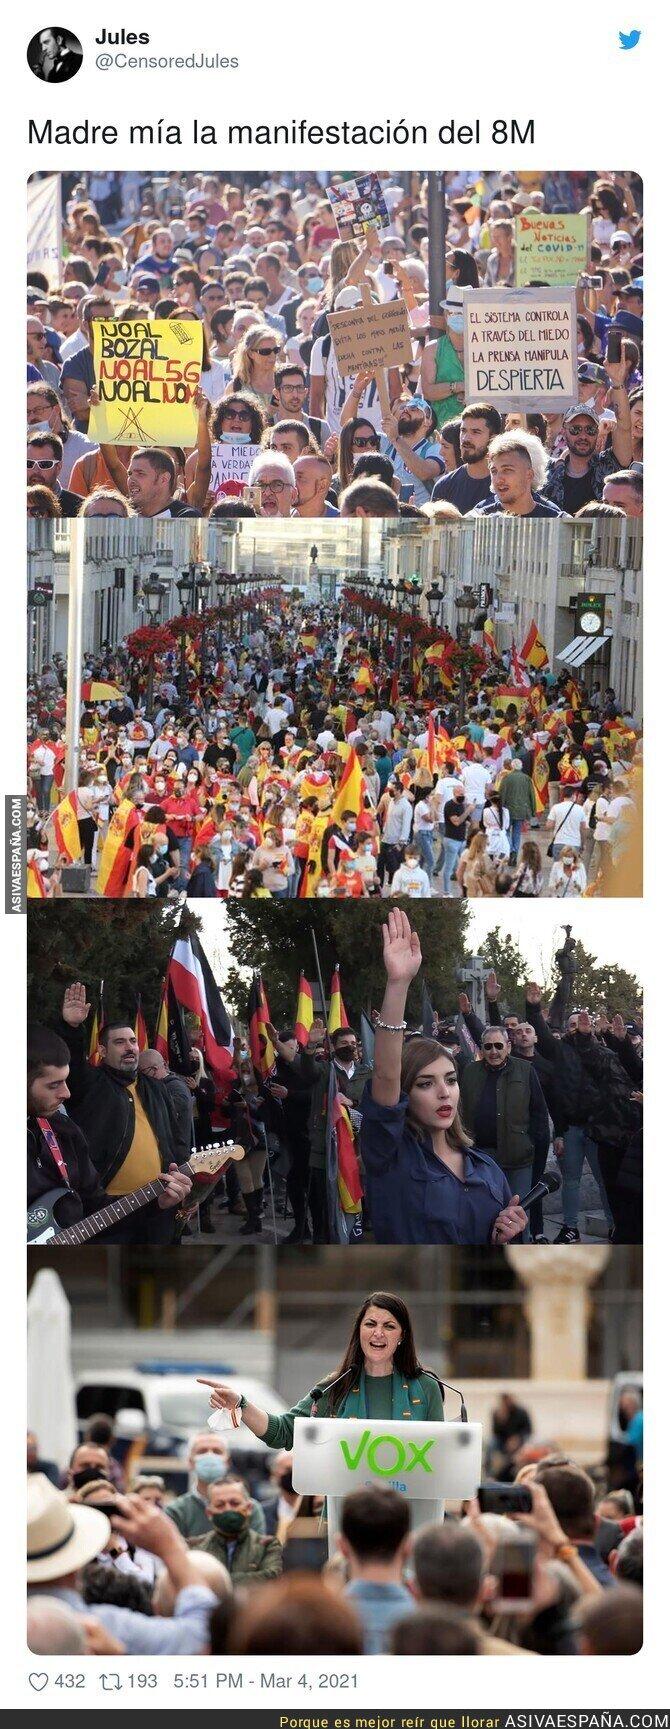 630251 - Las manifestaciones de los grandes patriotas